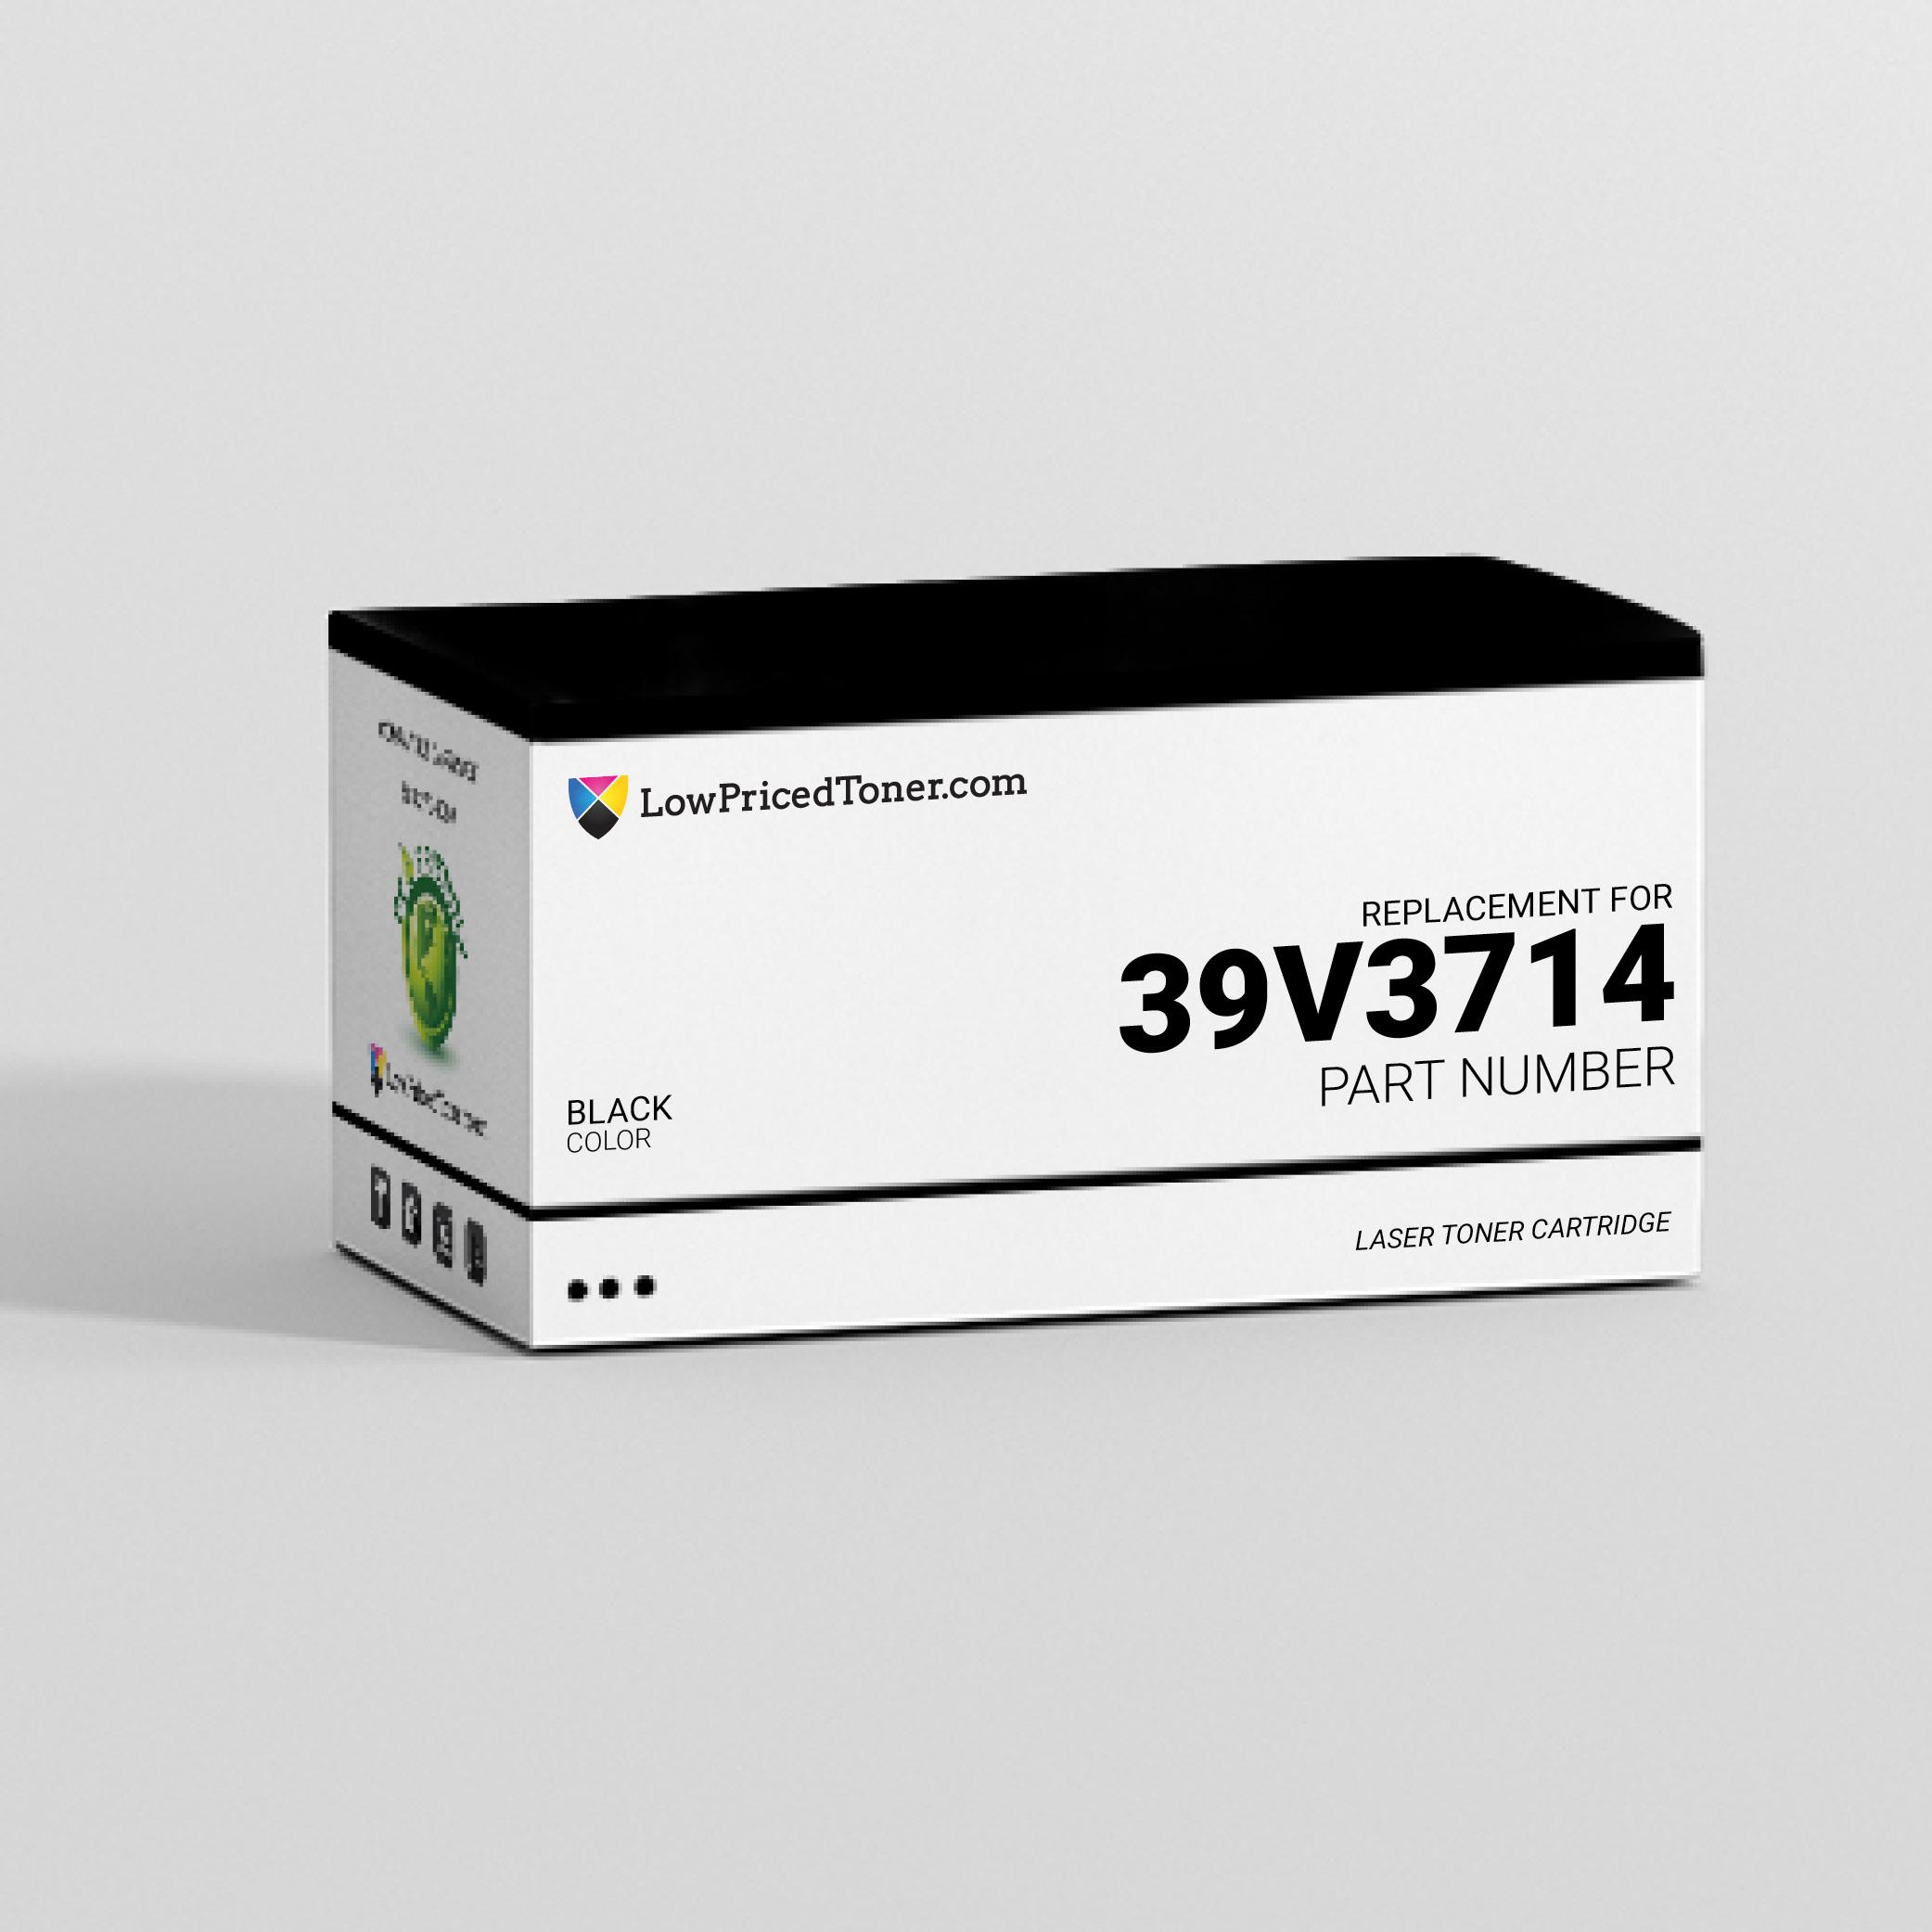 IBM 39V3714 Remanufactured Black Laser Toner Cartridge